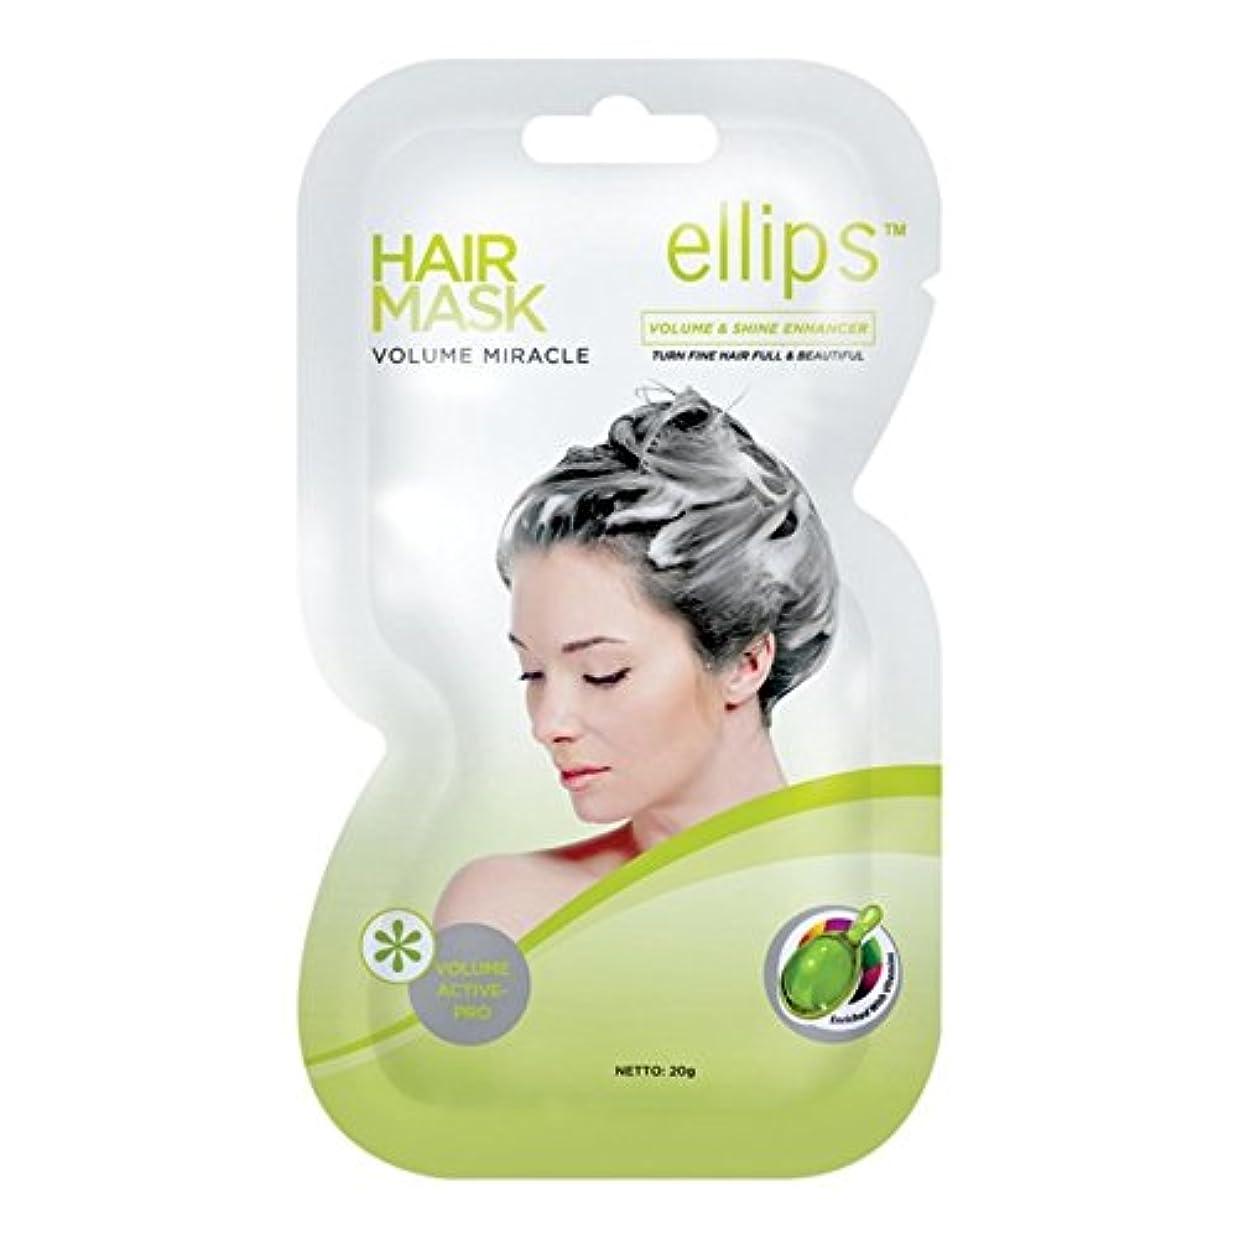 食い違いプロポーショナル懺悔Ellips 髪のマスク - ボリュームミラクル、20グラム(10パック)